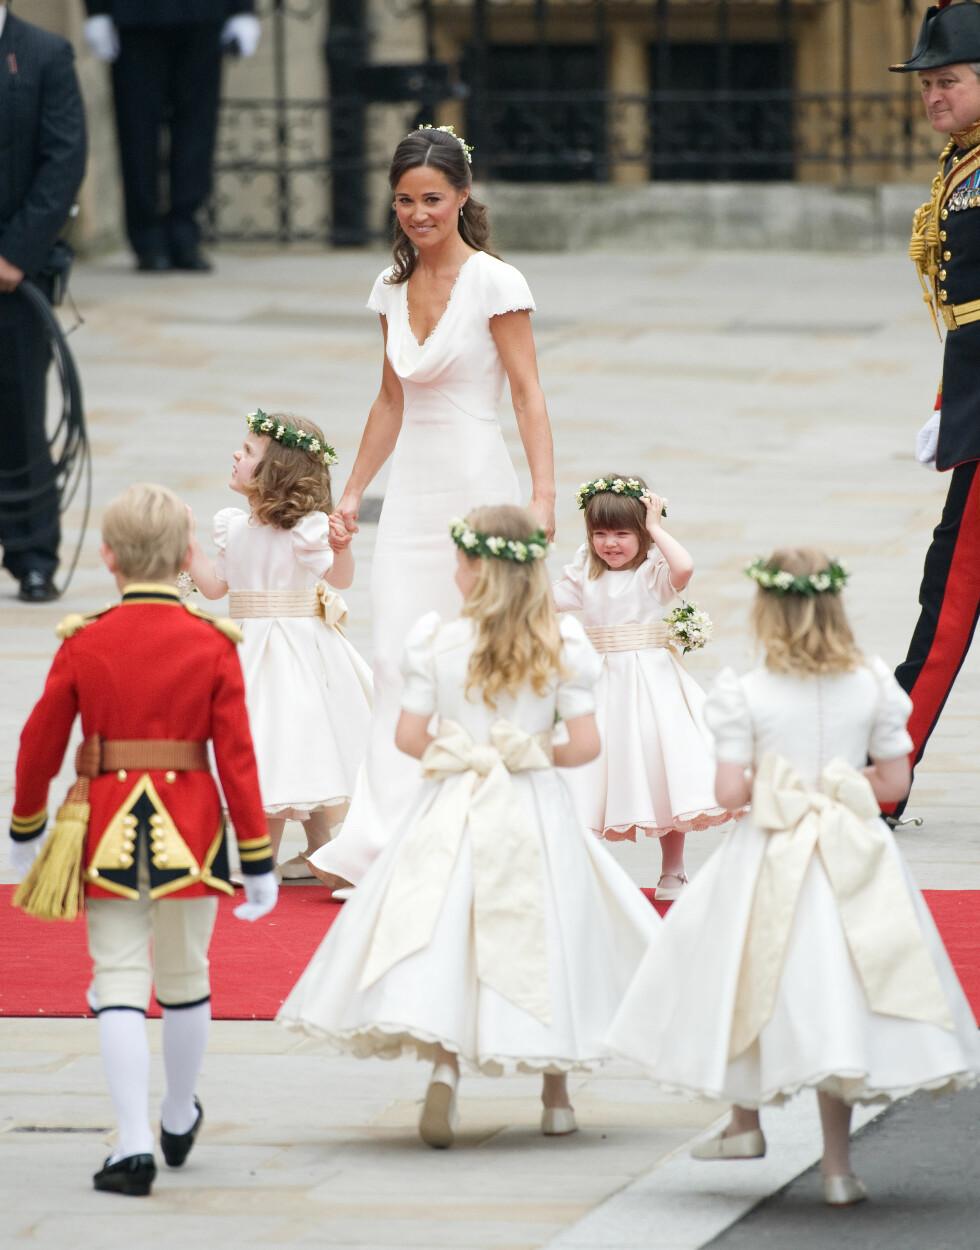 BLE BERØMT: Pippa Middleton fikk mye oppmerksomhet for sin hvite, sexy brudepikekjole i bryllupet til søsteren Kate og prins William i 2011. Neste år skal hun etter planen selv stå brud.   Foto: Pa Photos